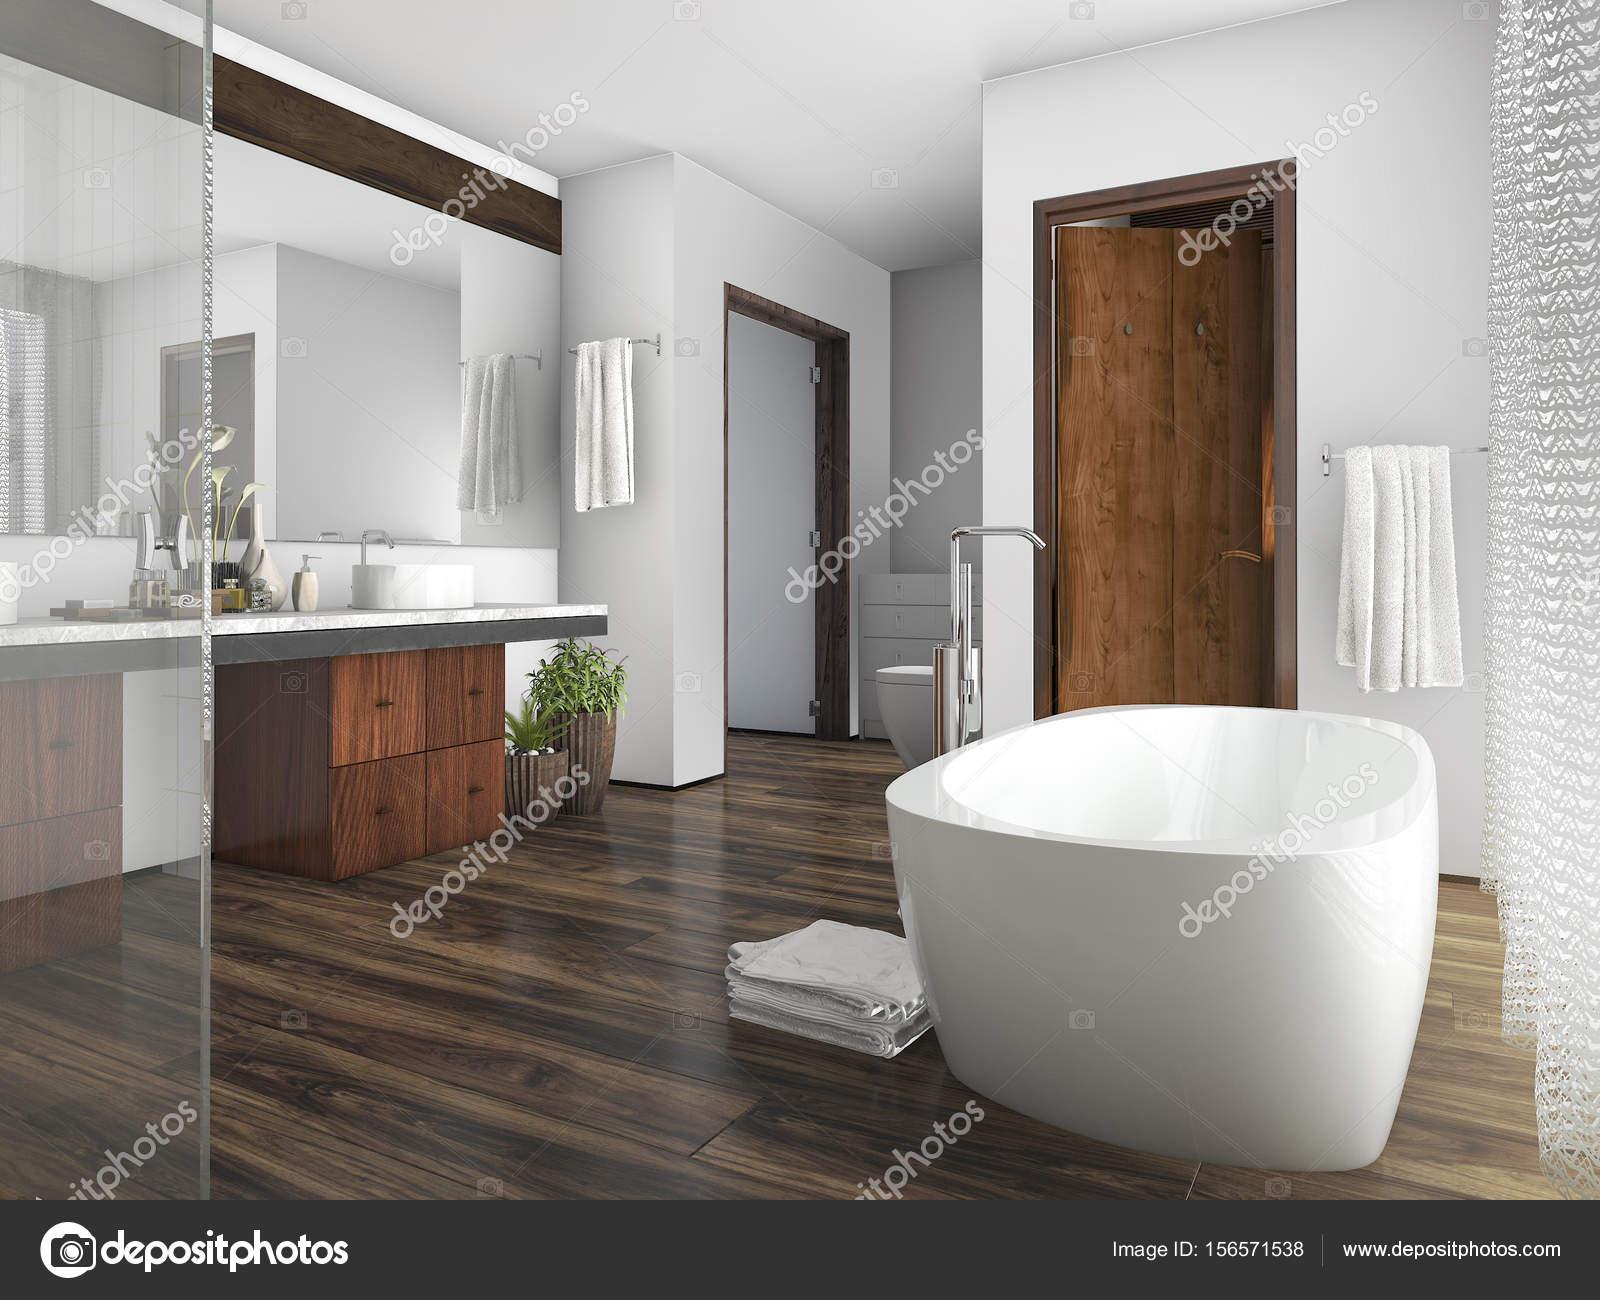 D rendering hout en tegel design badkamer in de buurt van venster